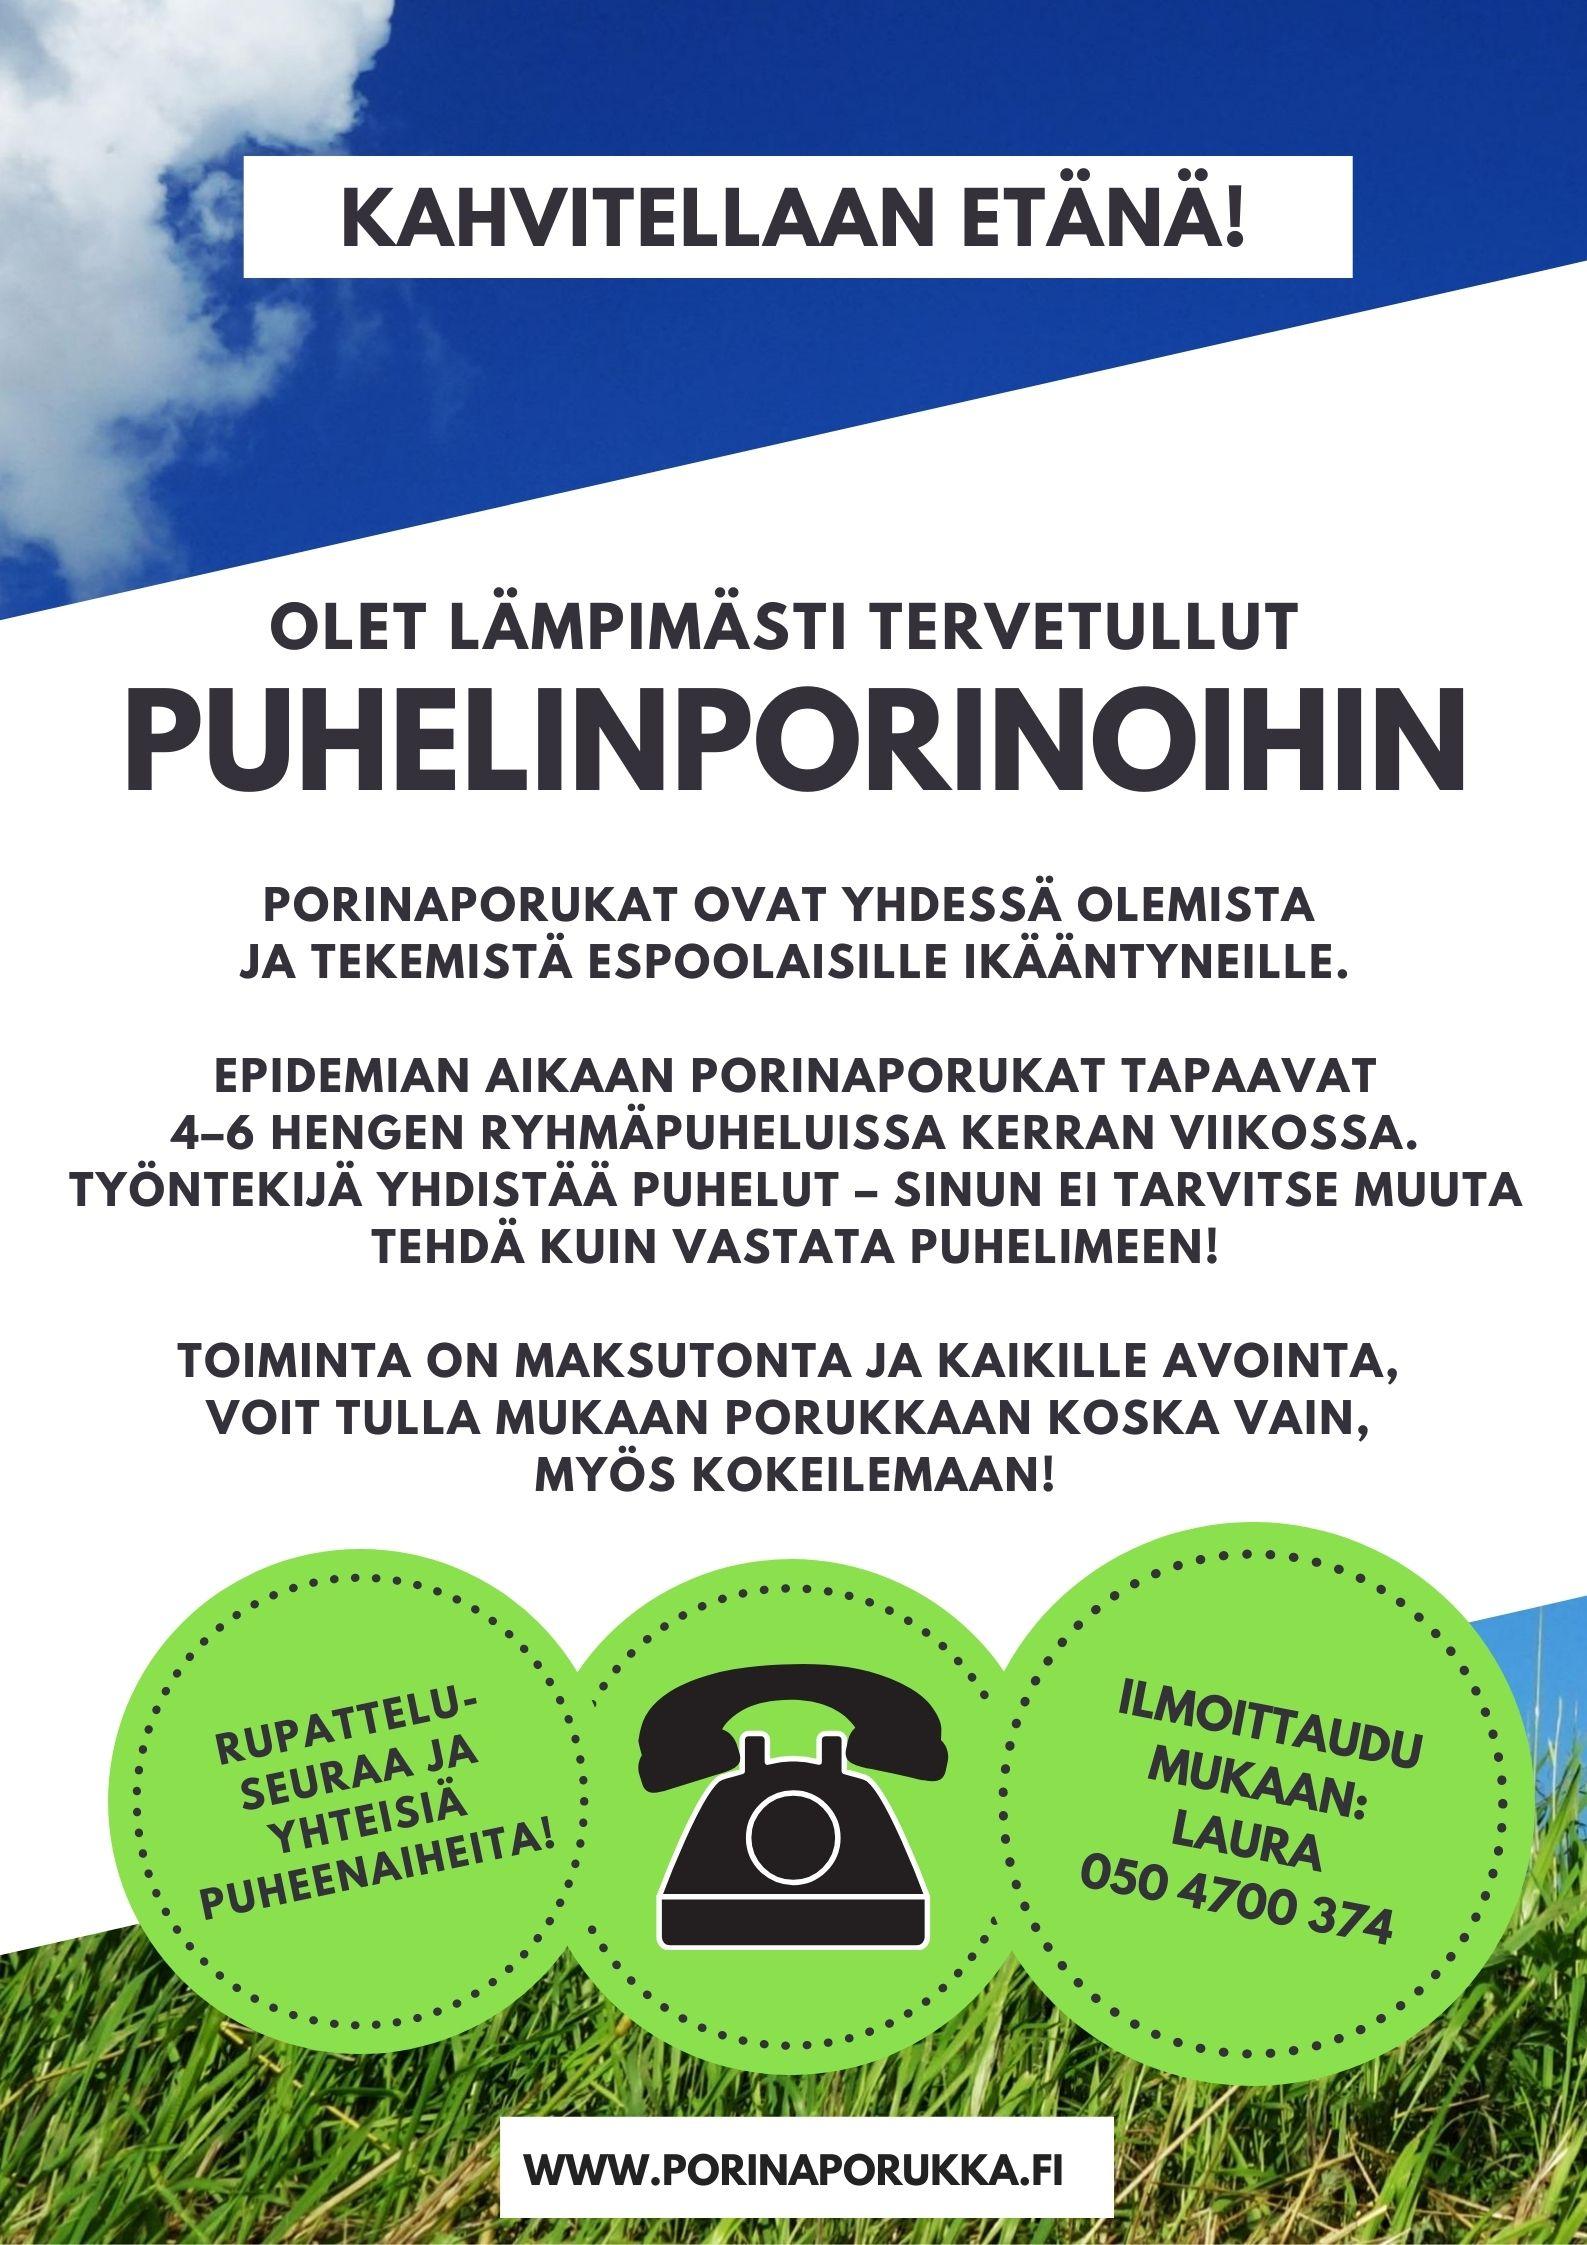 Puhelinporinaryhmän mainos.